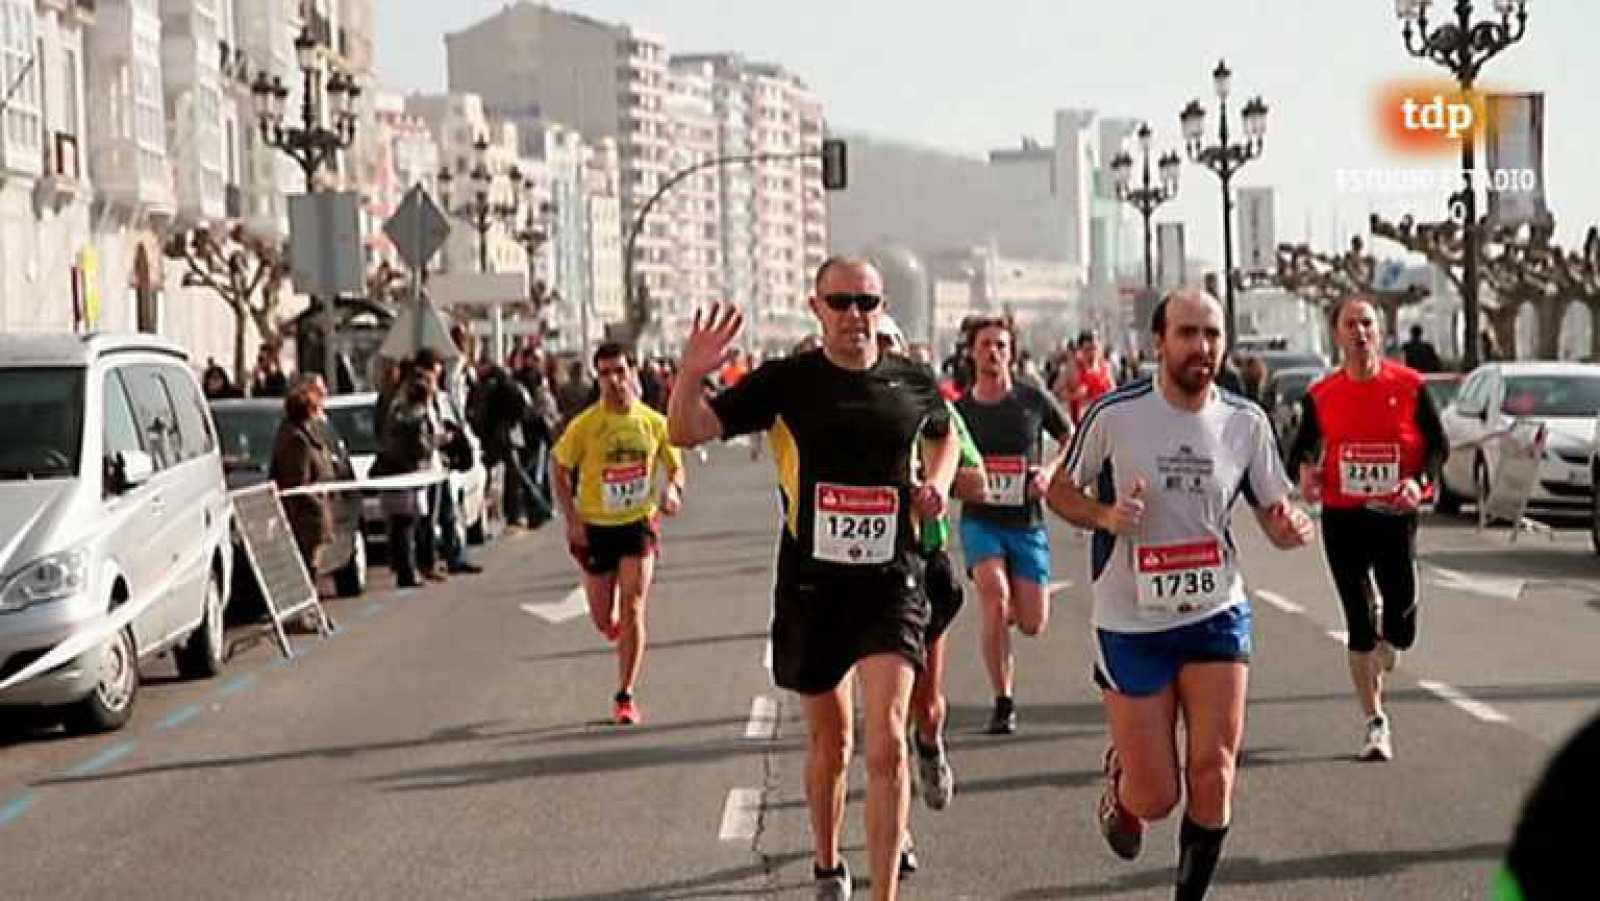 Atletismo - Media Maratón de Santander - ver ahora